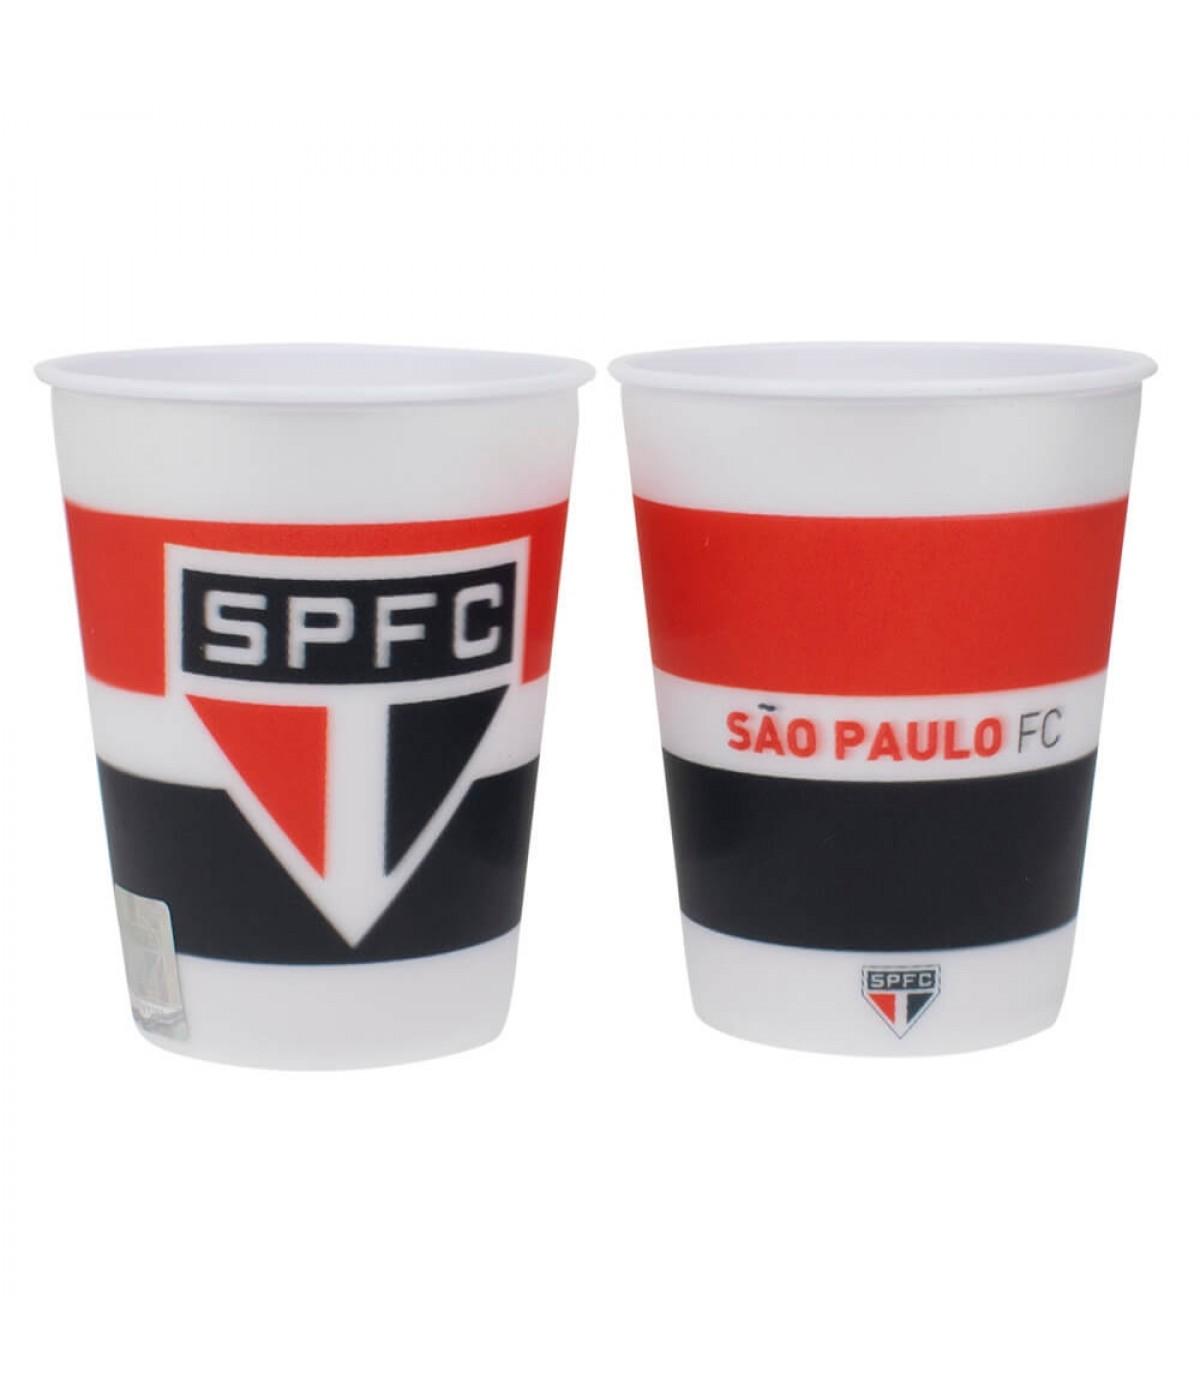 Jogo 2 Copos Plástico 3D 400ml - SPFC